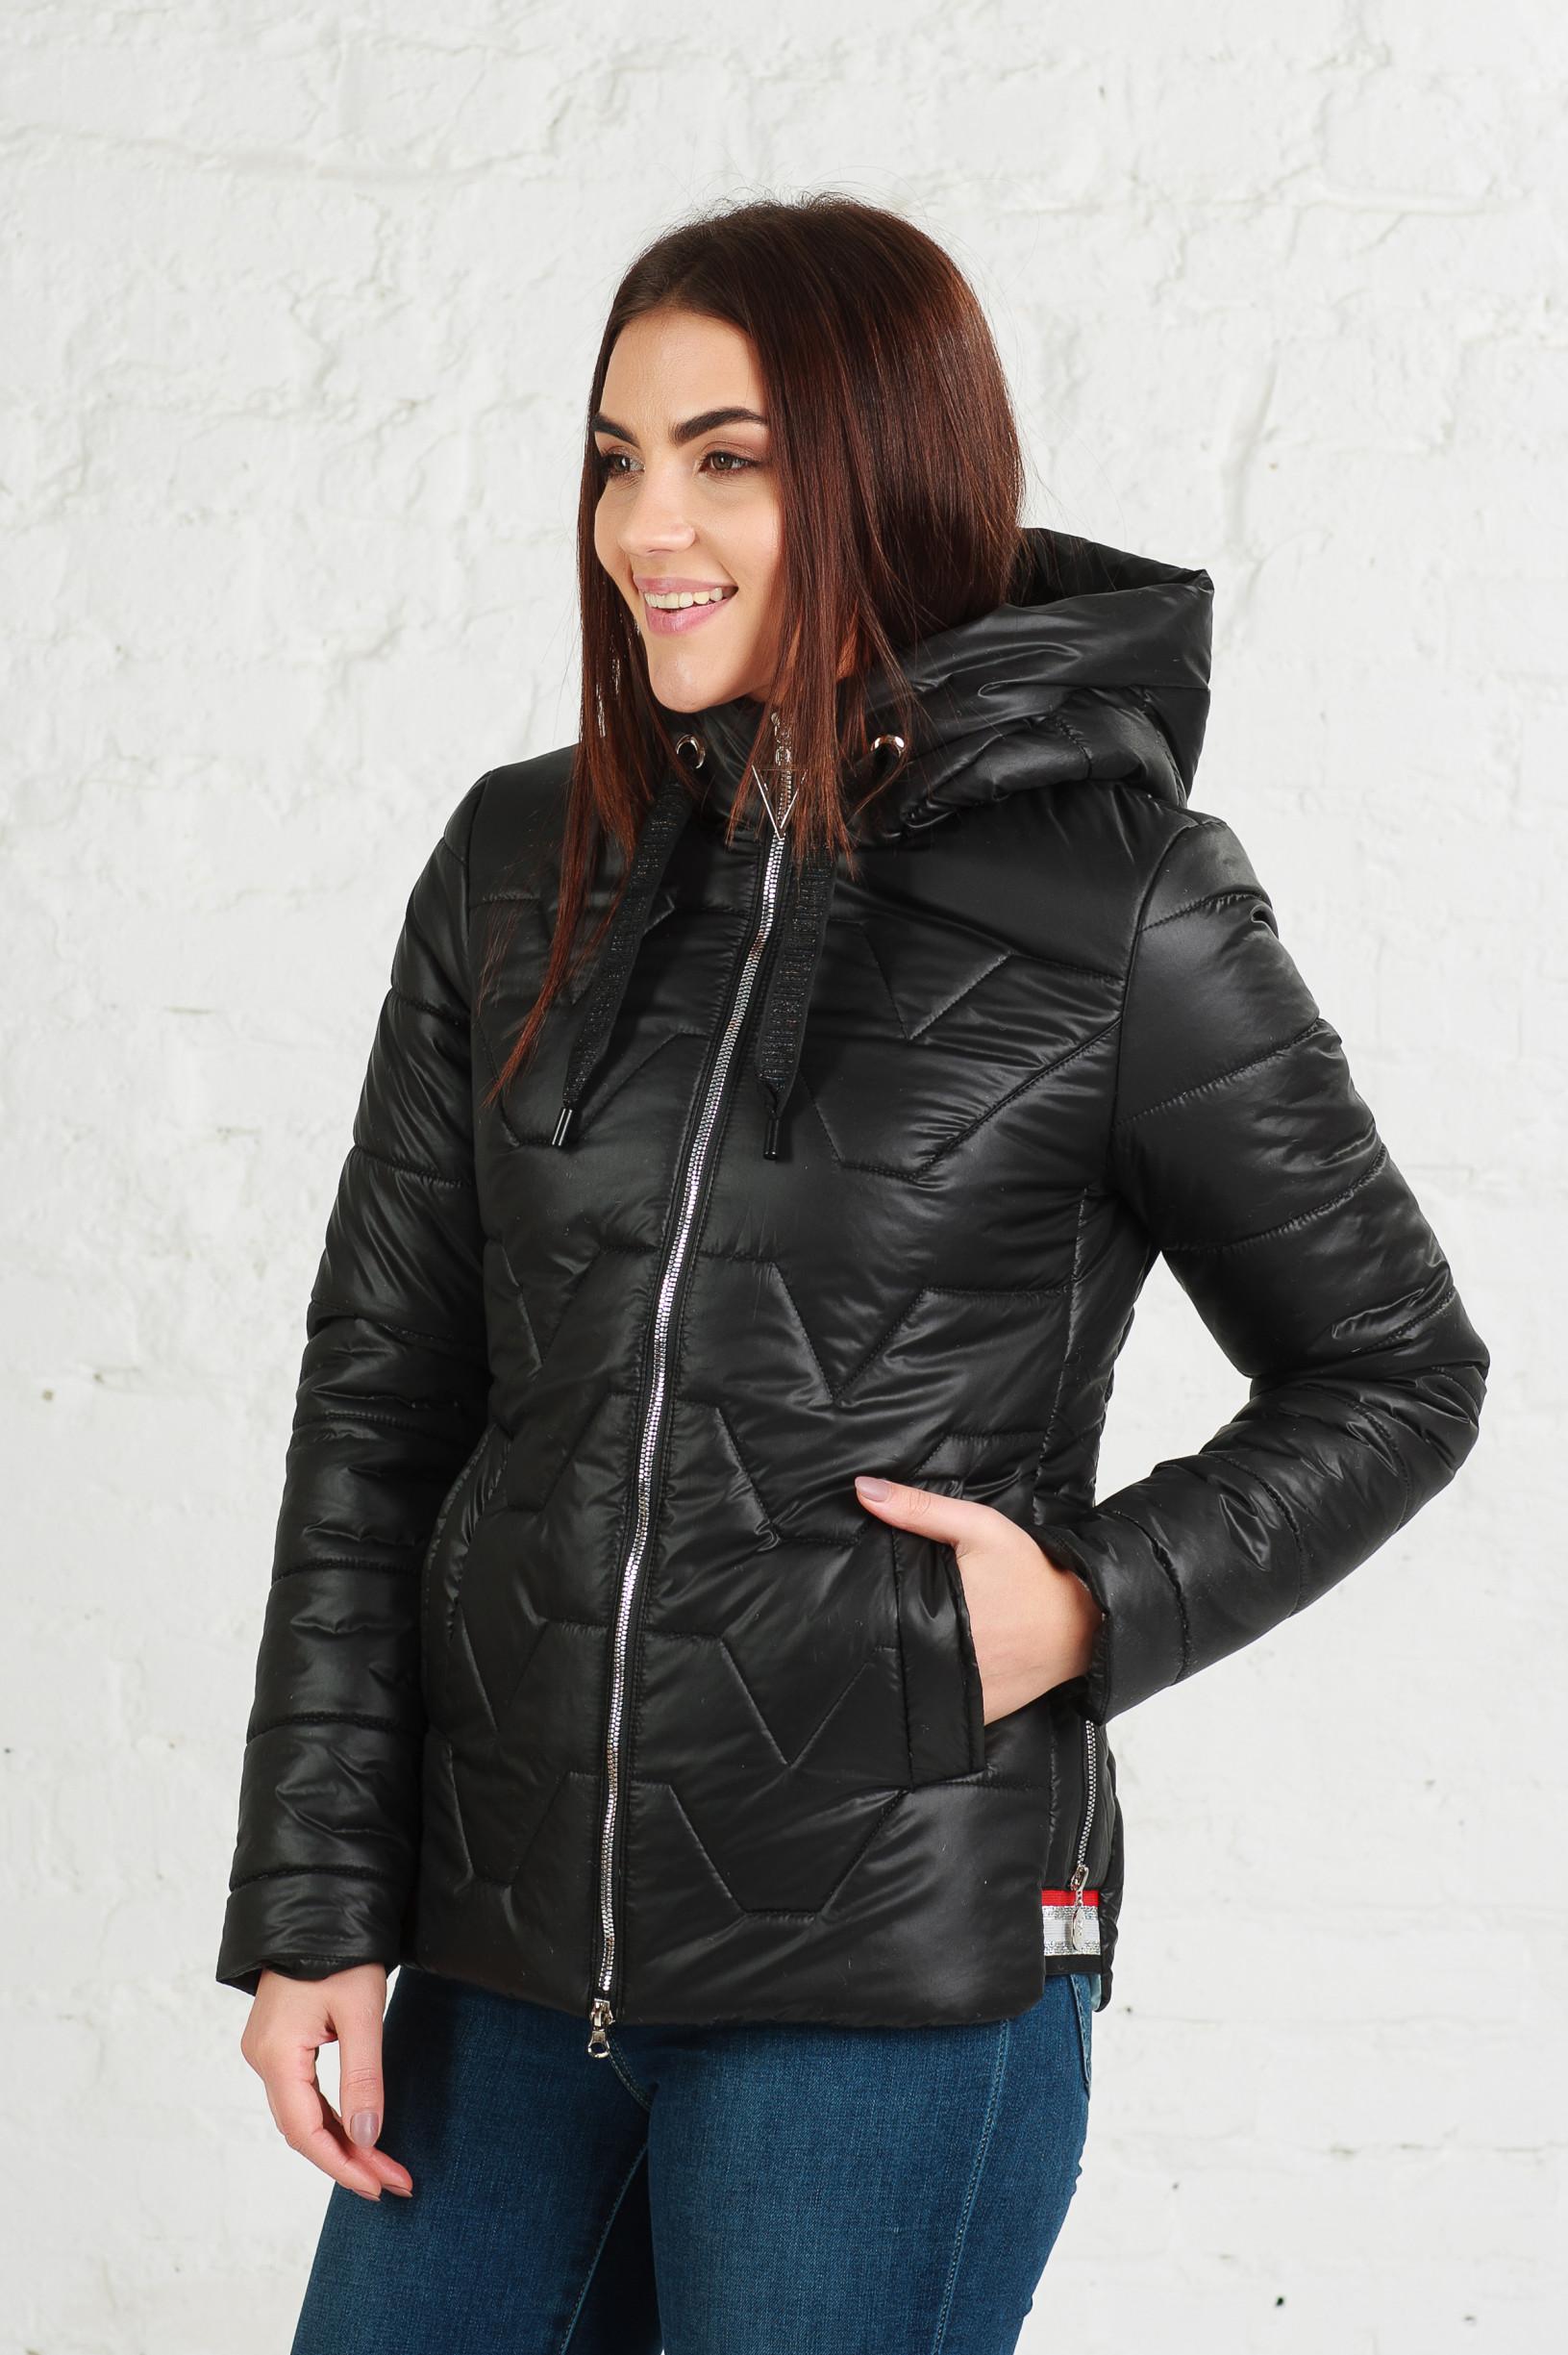 Стильная курточка для девушки Мики чёрного цвета